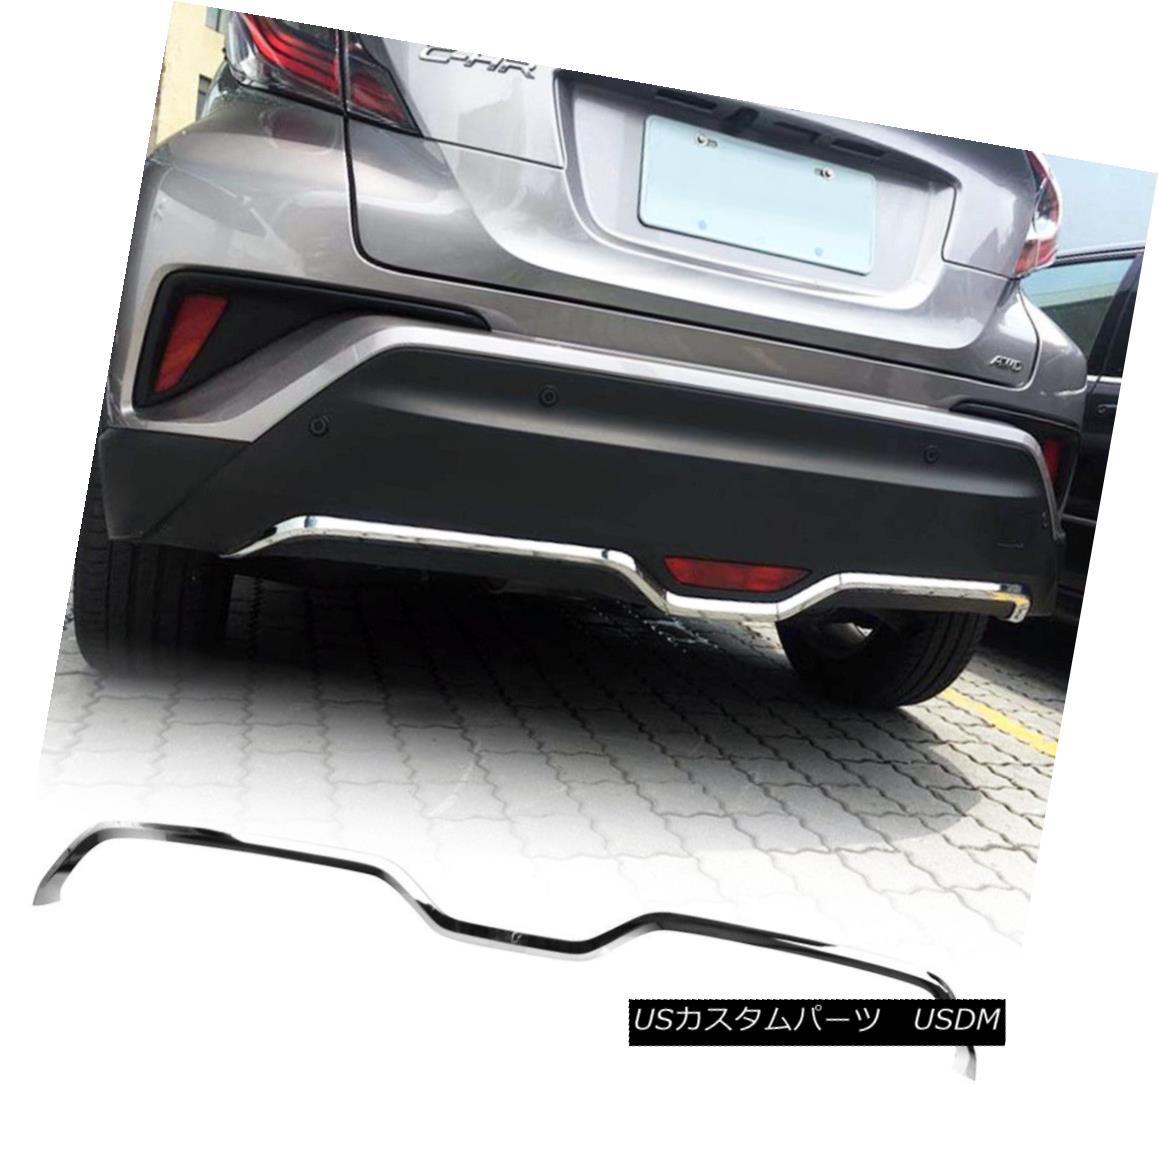 エアロパーツ Fit TOYOTA 2018 C-HR SUV Hatchback Bumper Under Garnish Cover Trim ABS Chrome フィットTOYOTA 2018 C-HR SUVハッチバックバンパーガーニッシュカバートリムABSクローム